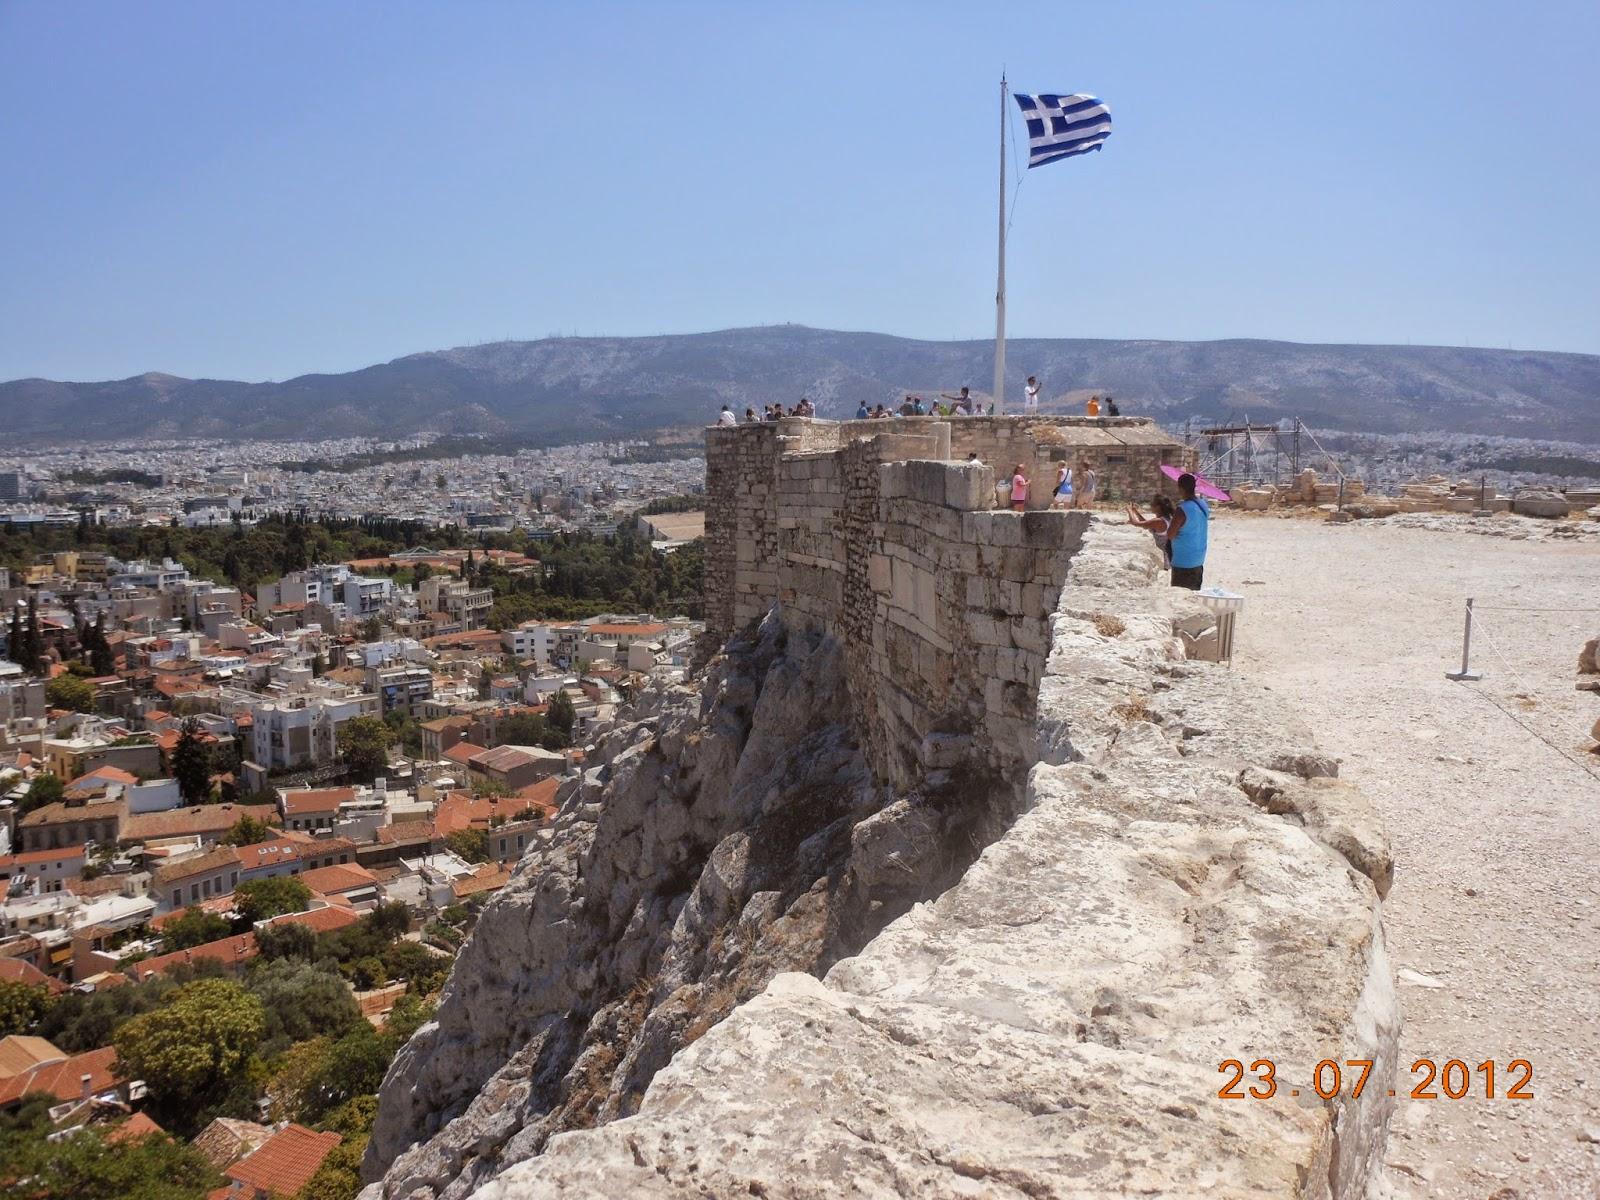 Vista do alto da acrópole com a bandeira da Grécia - Atenas